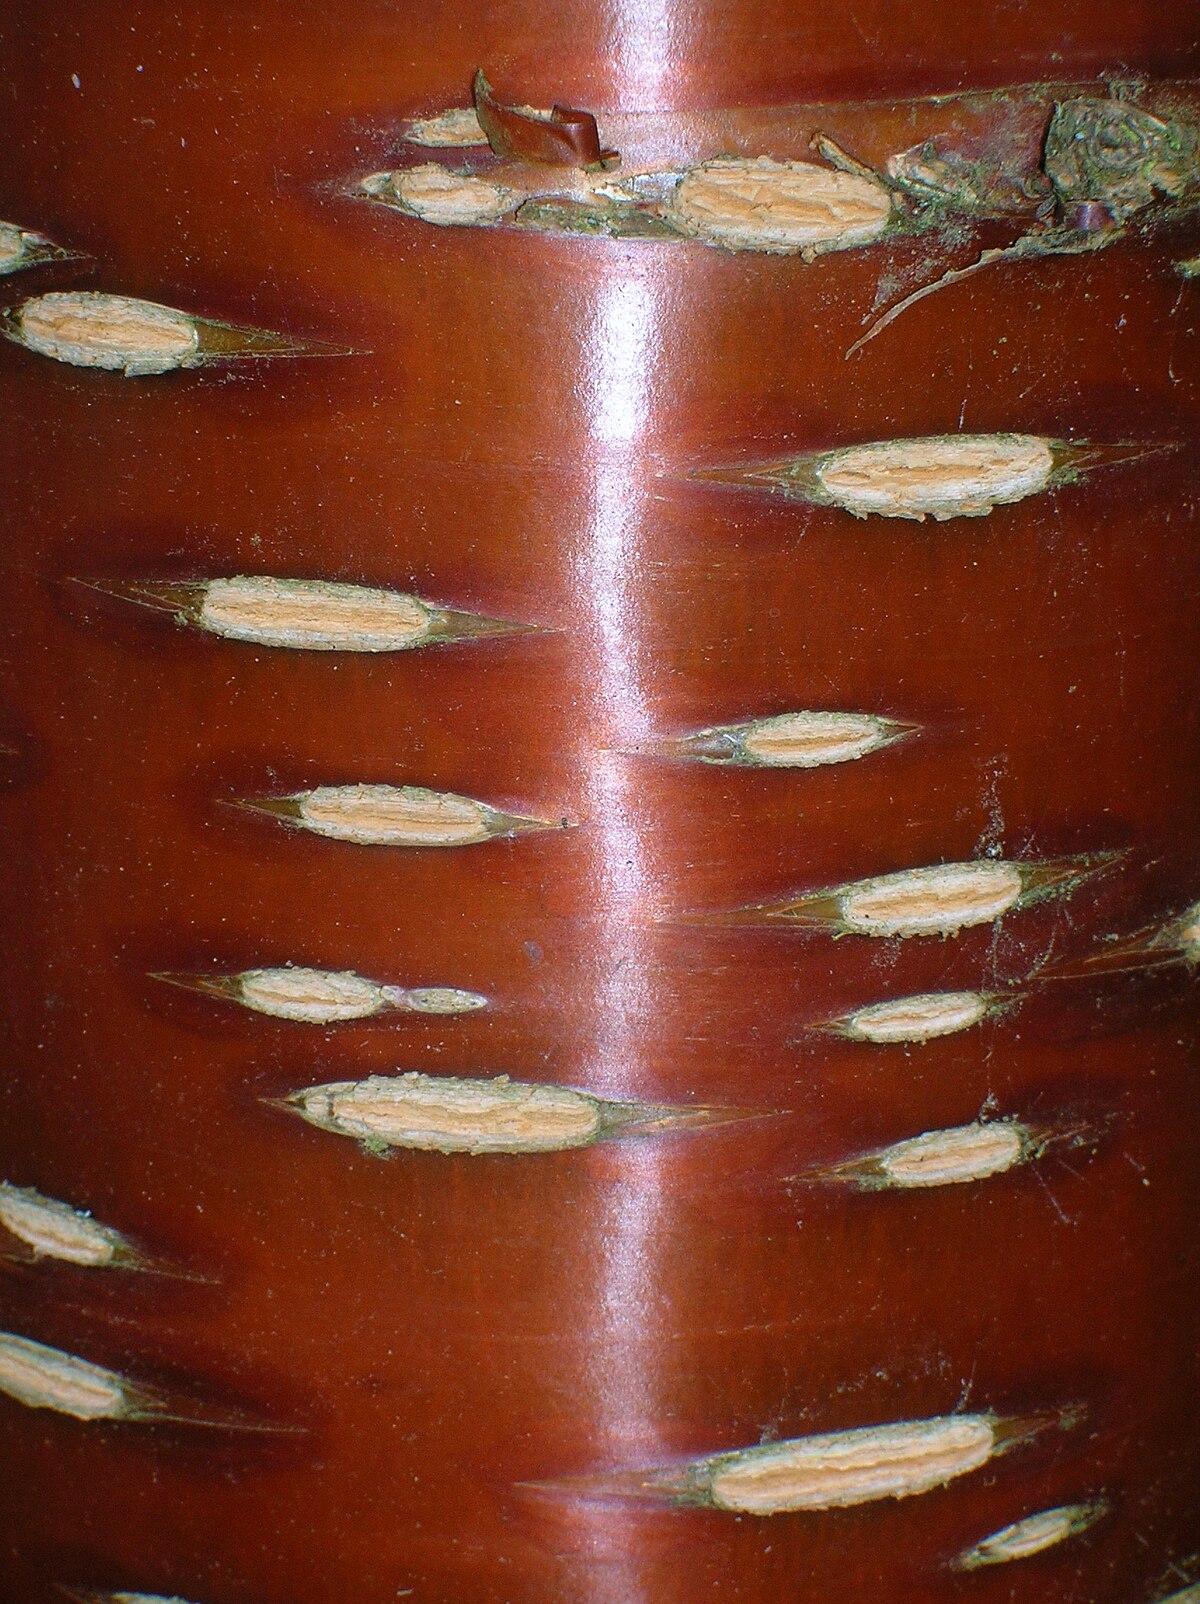 Lenticela wikipedia la enciclopedia libre for Cuales son los arboles perennes